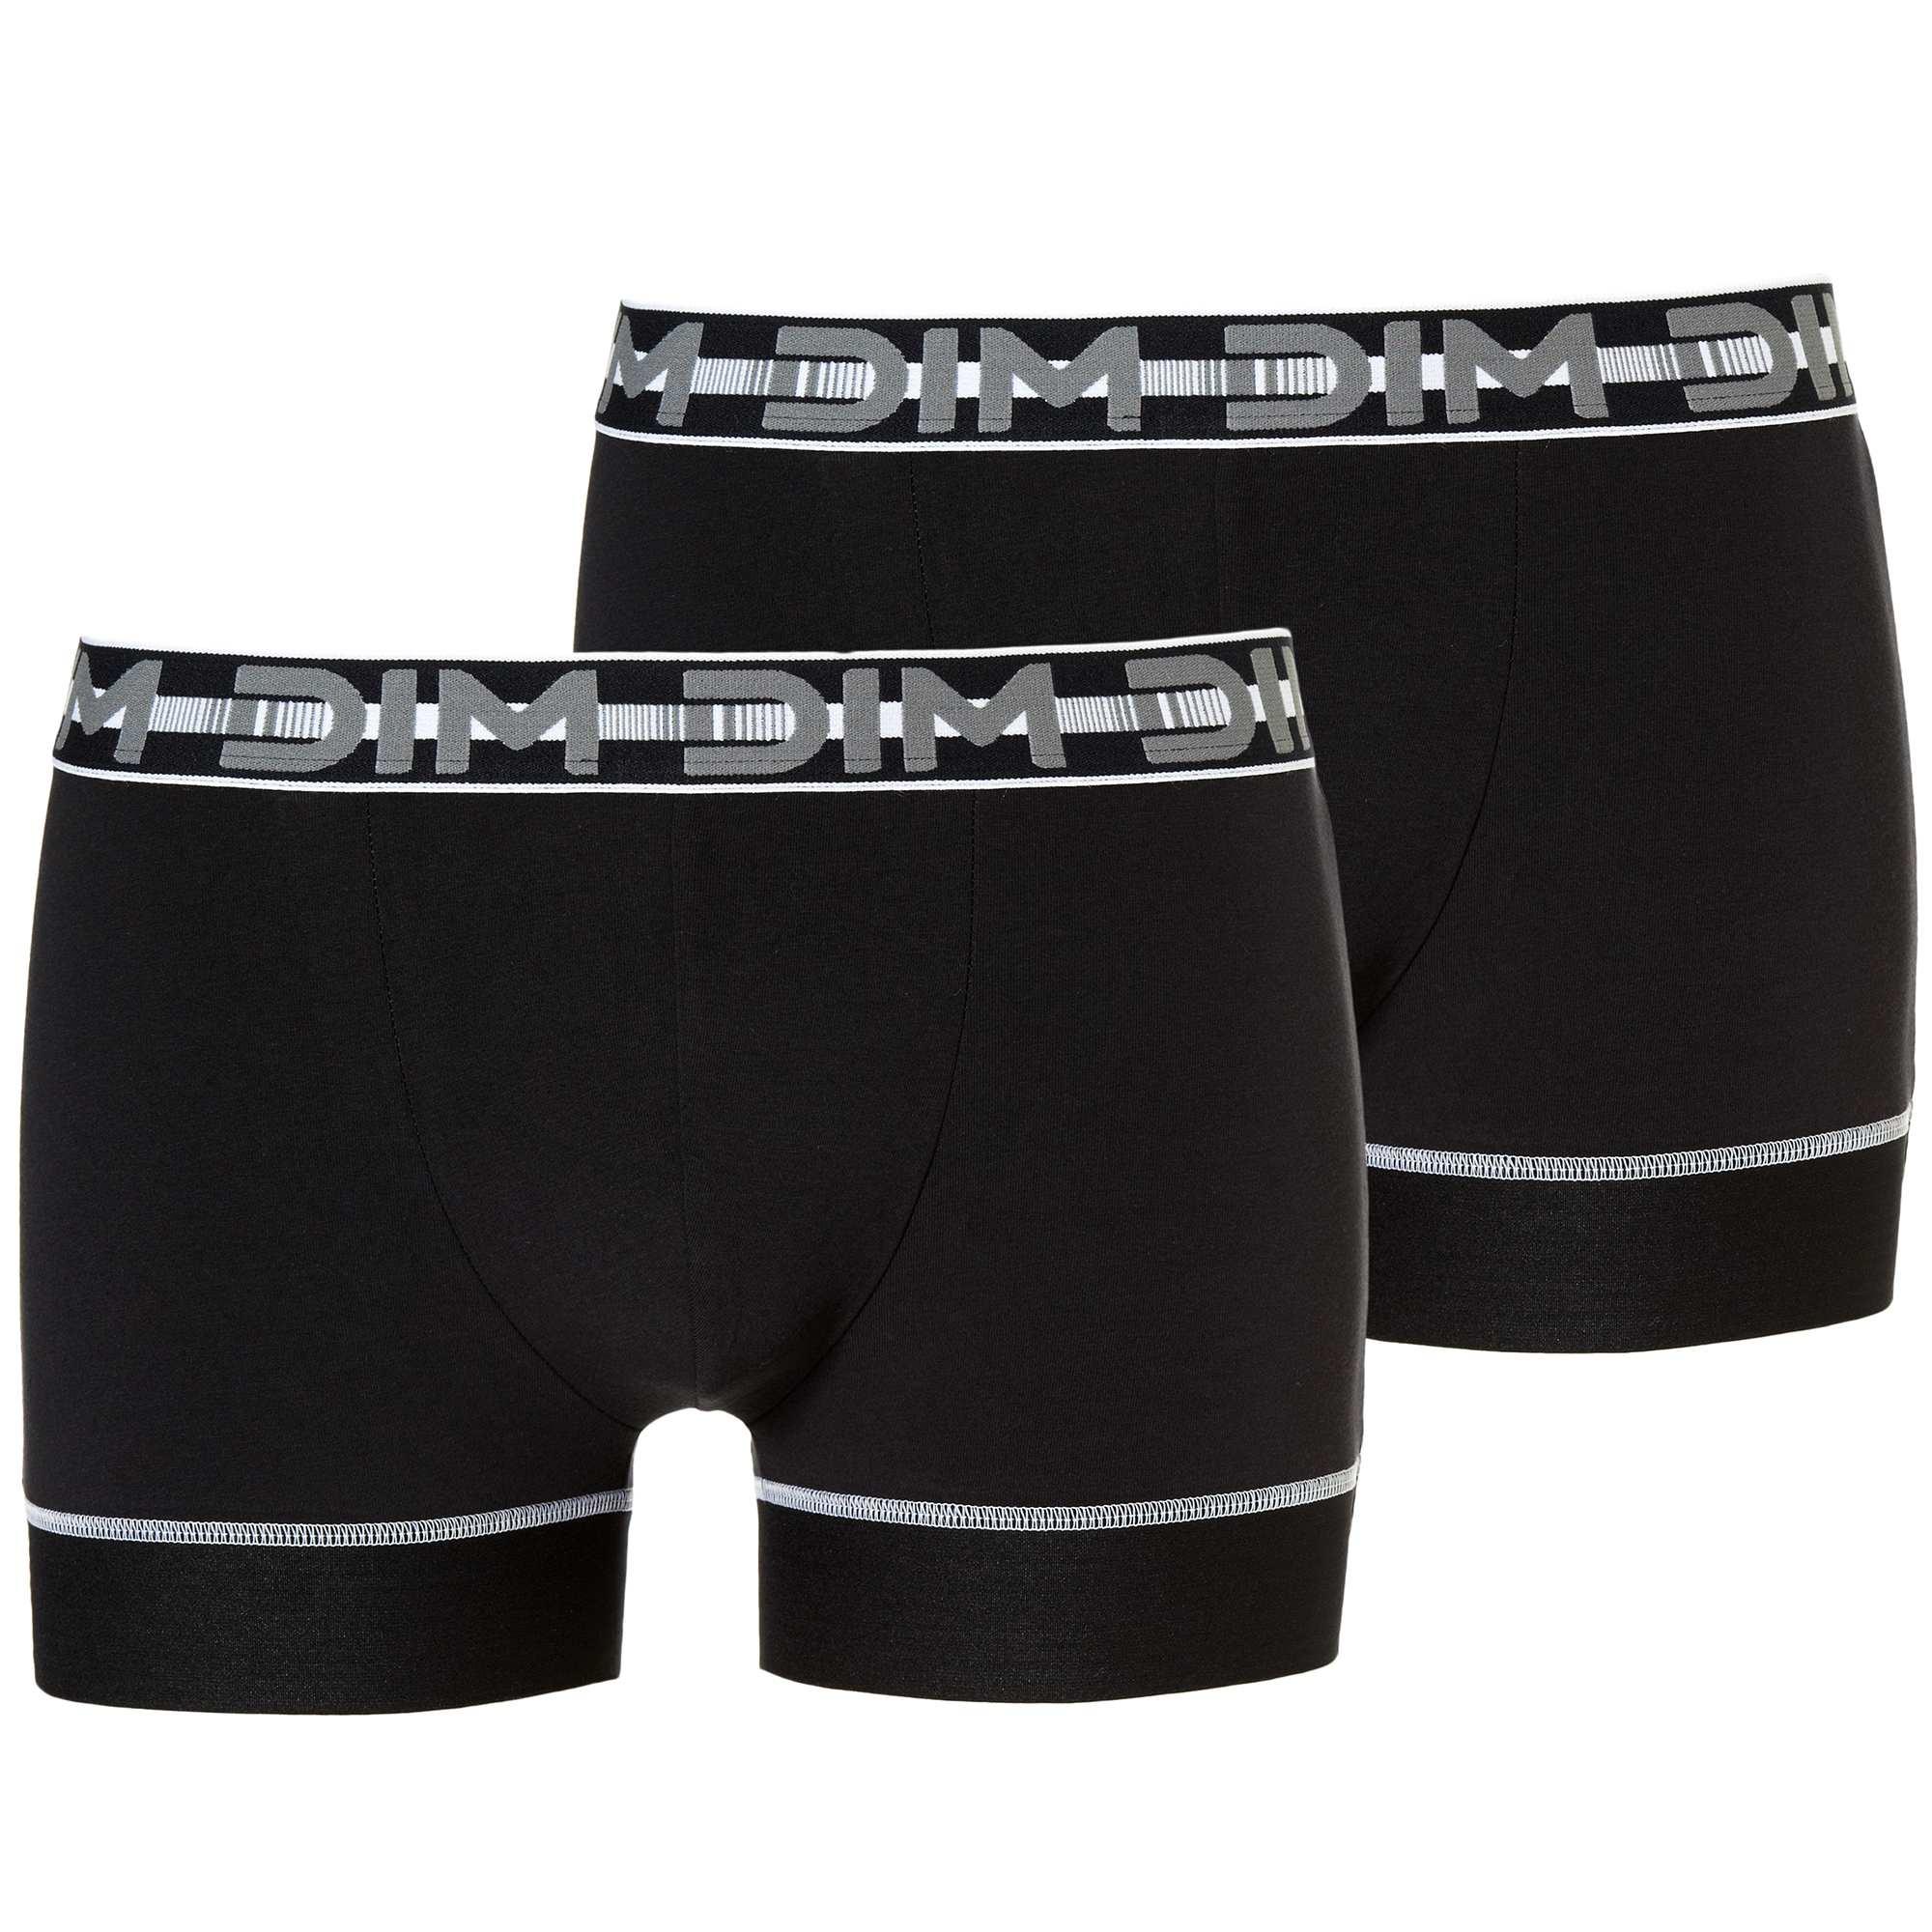 Couleur : noir, , ,, - Taille : XXL, S, M,,Les boxers 'Dim' en 'Coton 3D Flex' permettent une adaptation parfaite aux mouvements